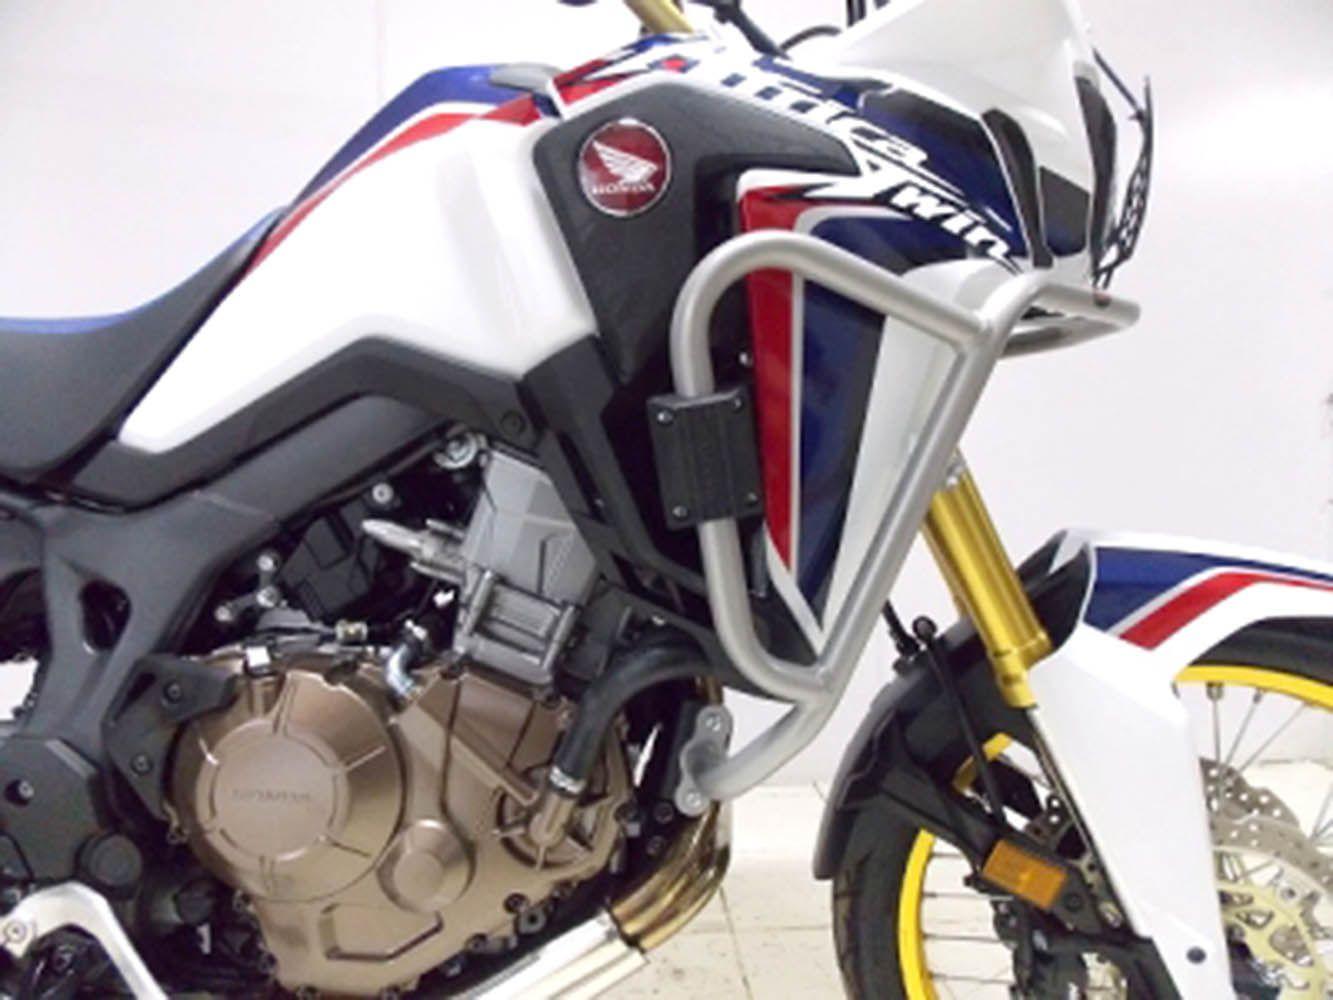 Protetor Carenagem Motor Crf 1000 l Africa Twin Prata 10705